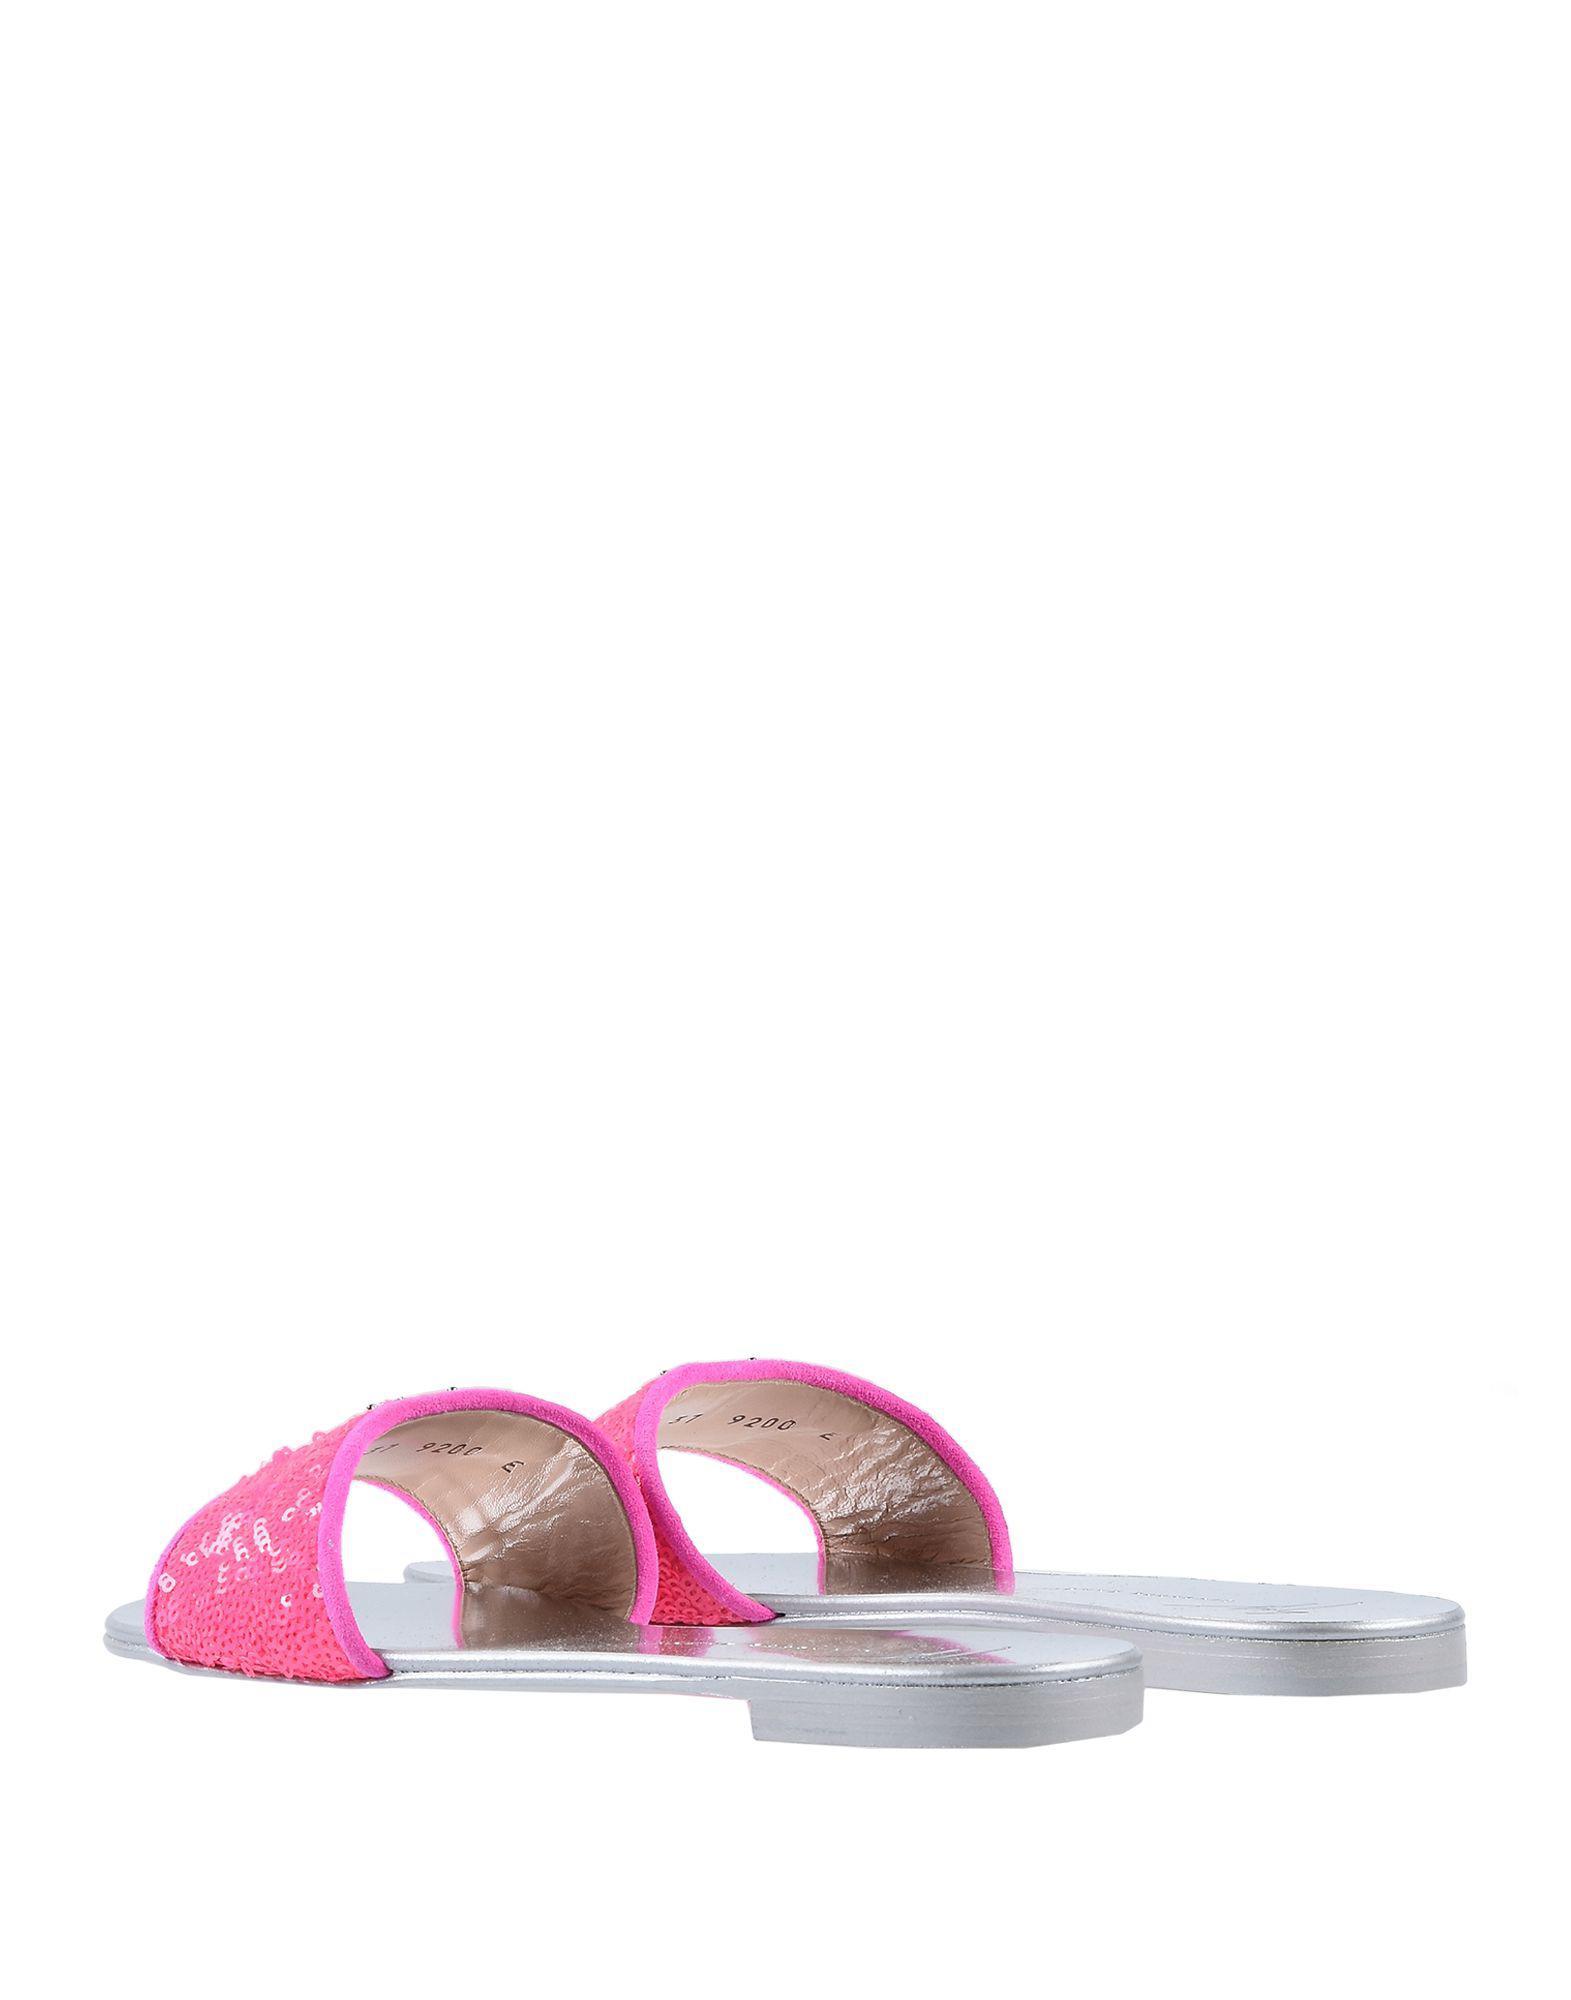 281a96d849f085 Lyst - Giuseppe Zanotti Sandals in Pink